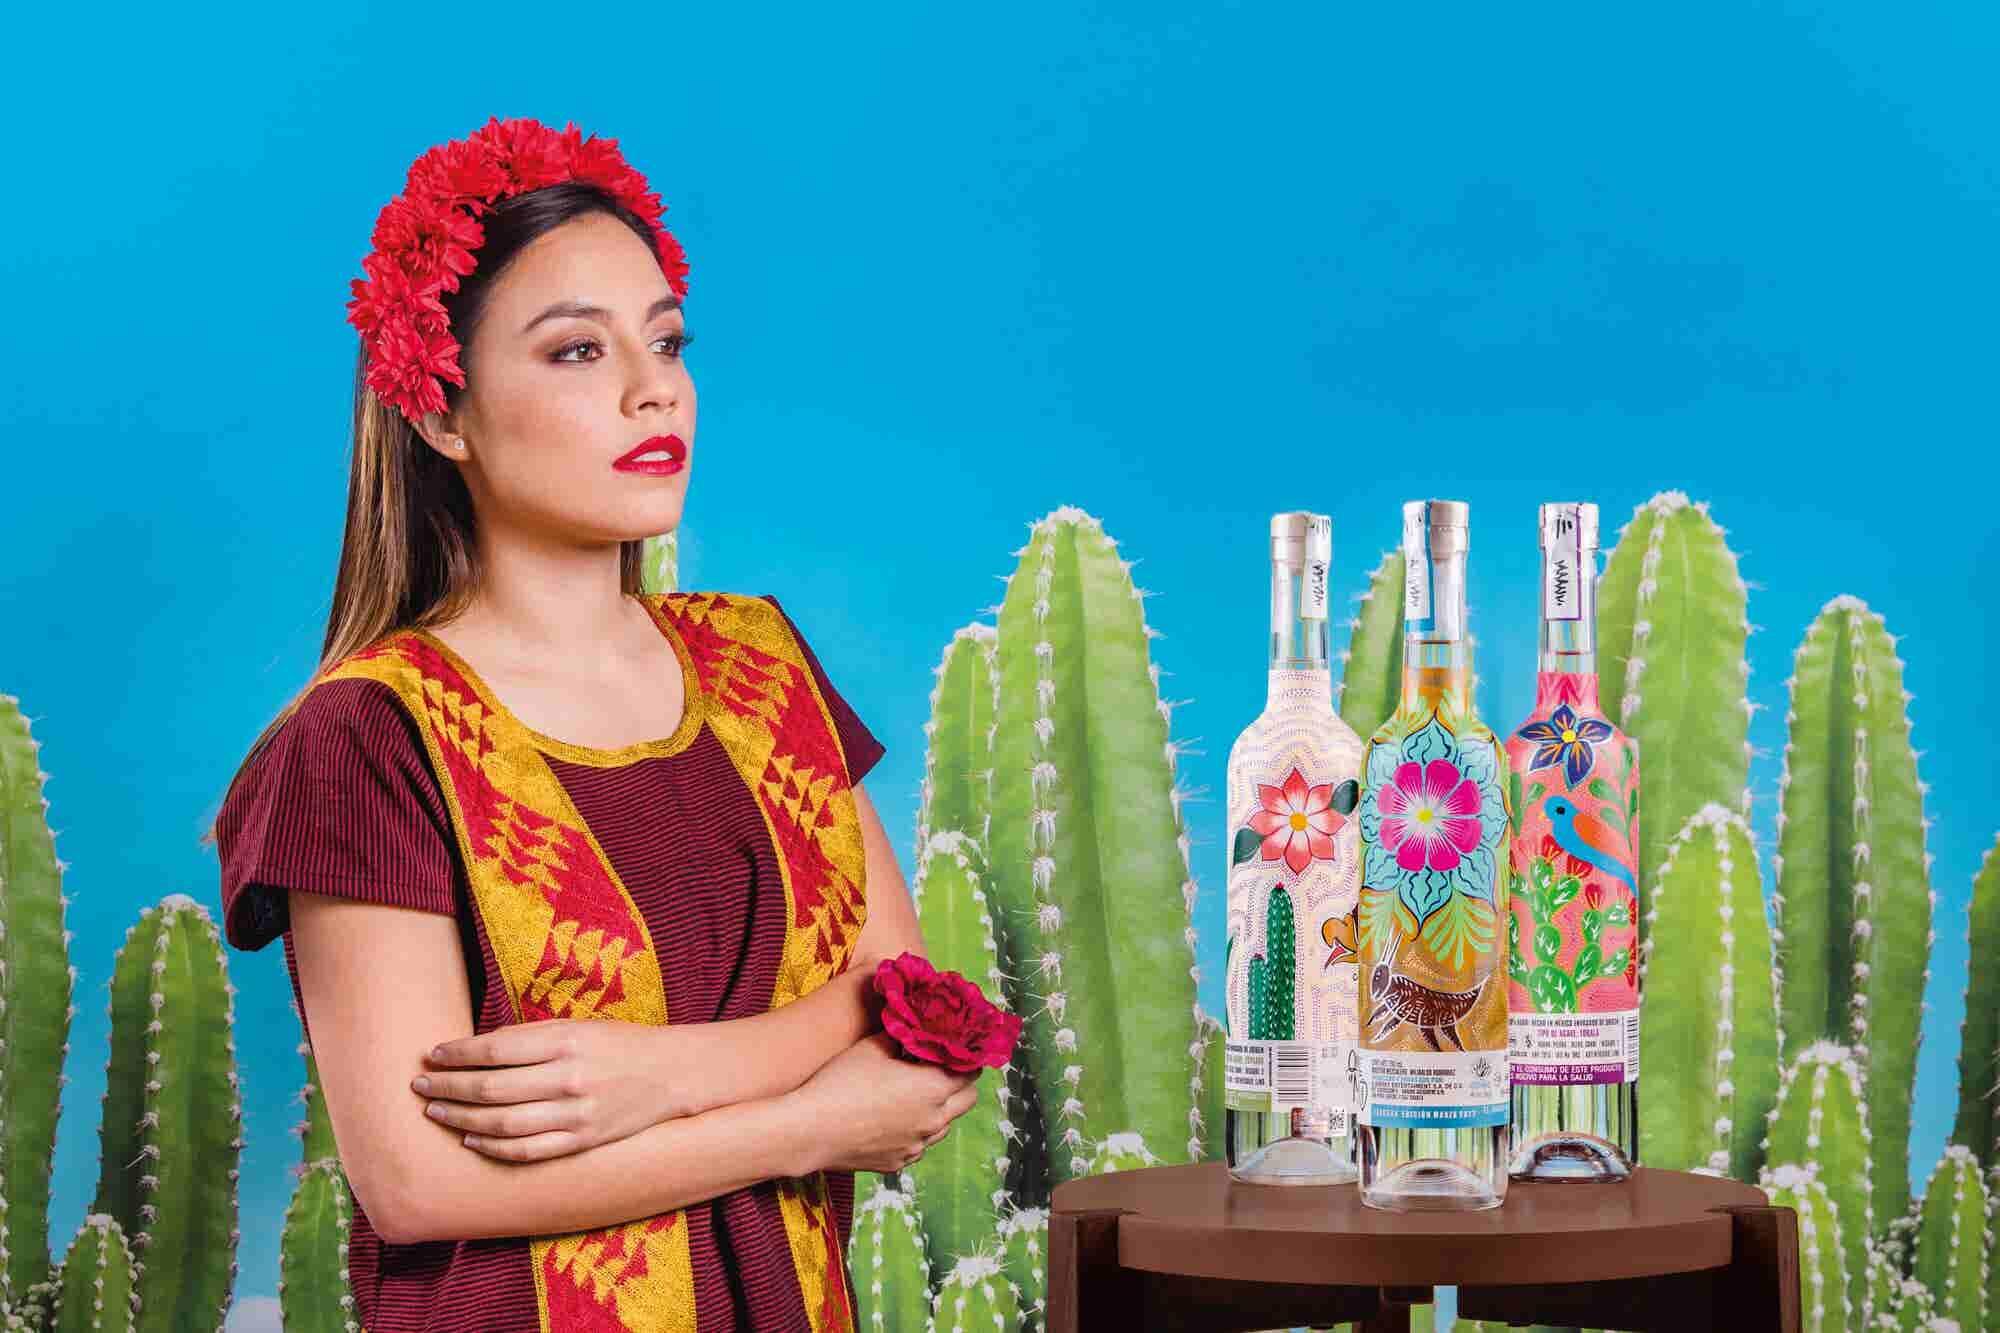 Galería: 2 productos que llevan a Oaxaca al mundo